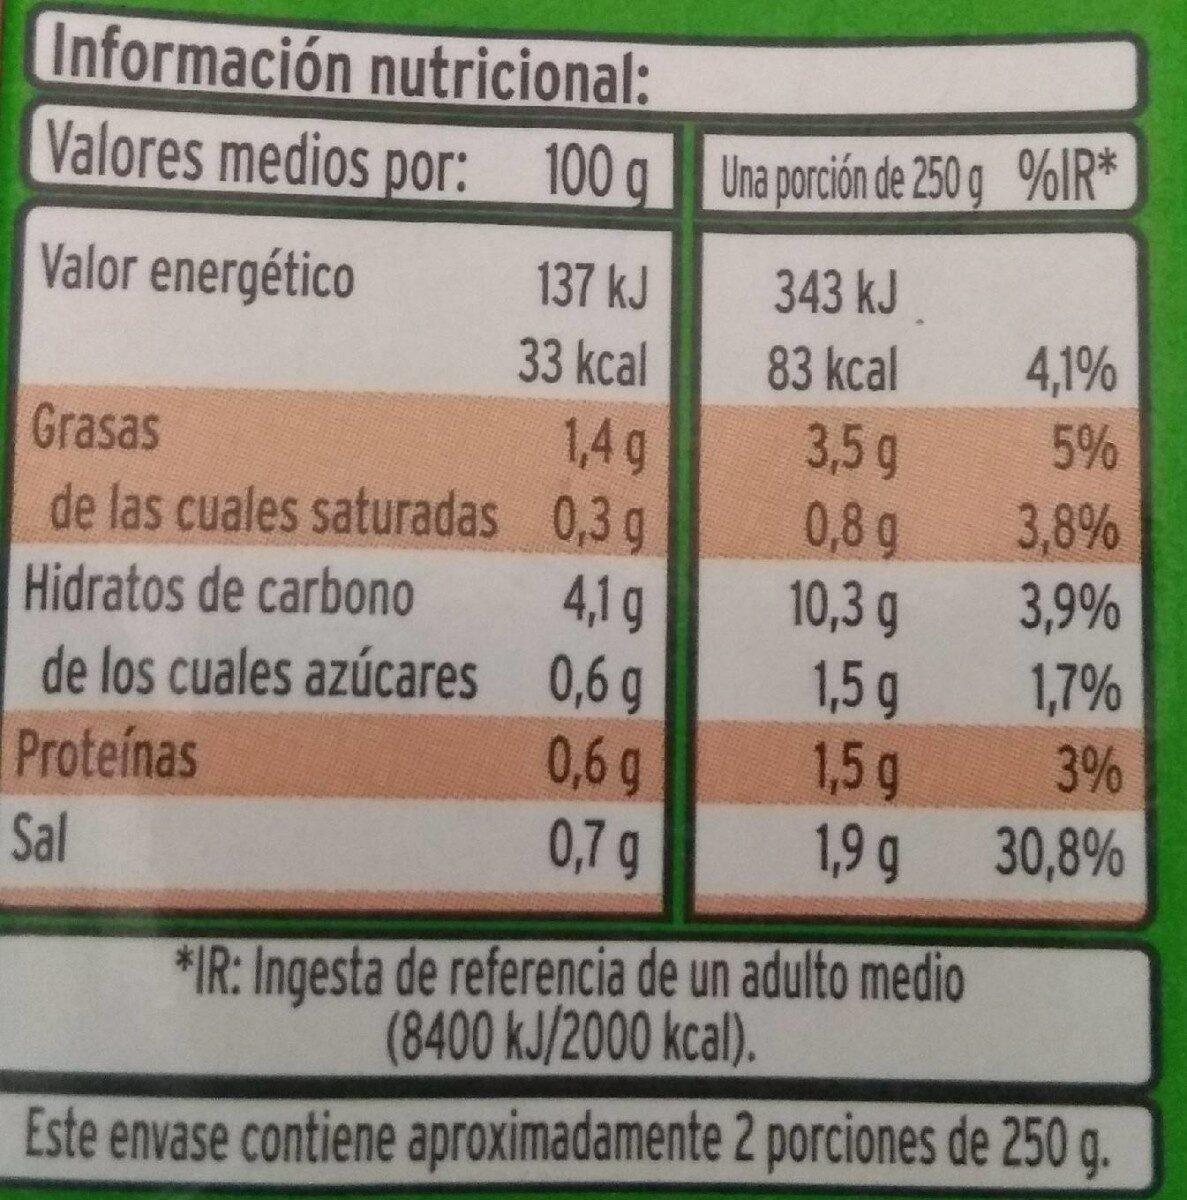 Crema de calabaza - Informations nutritionnelles - en